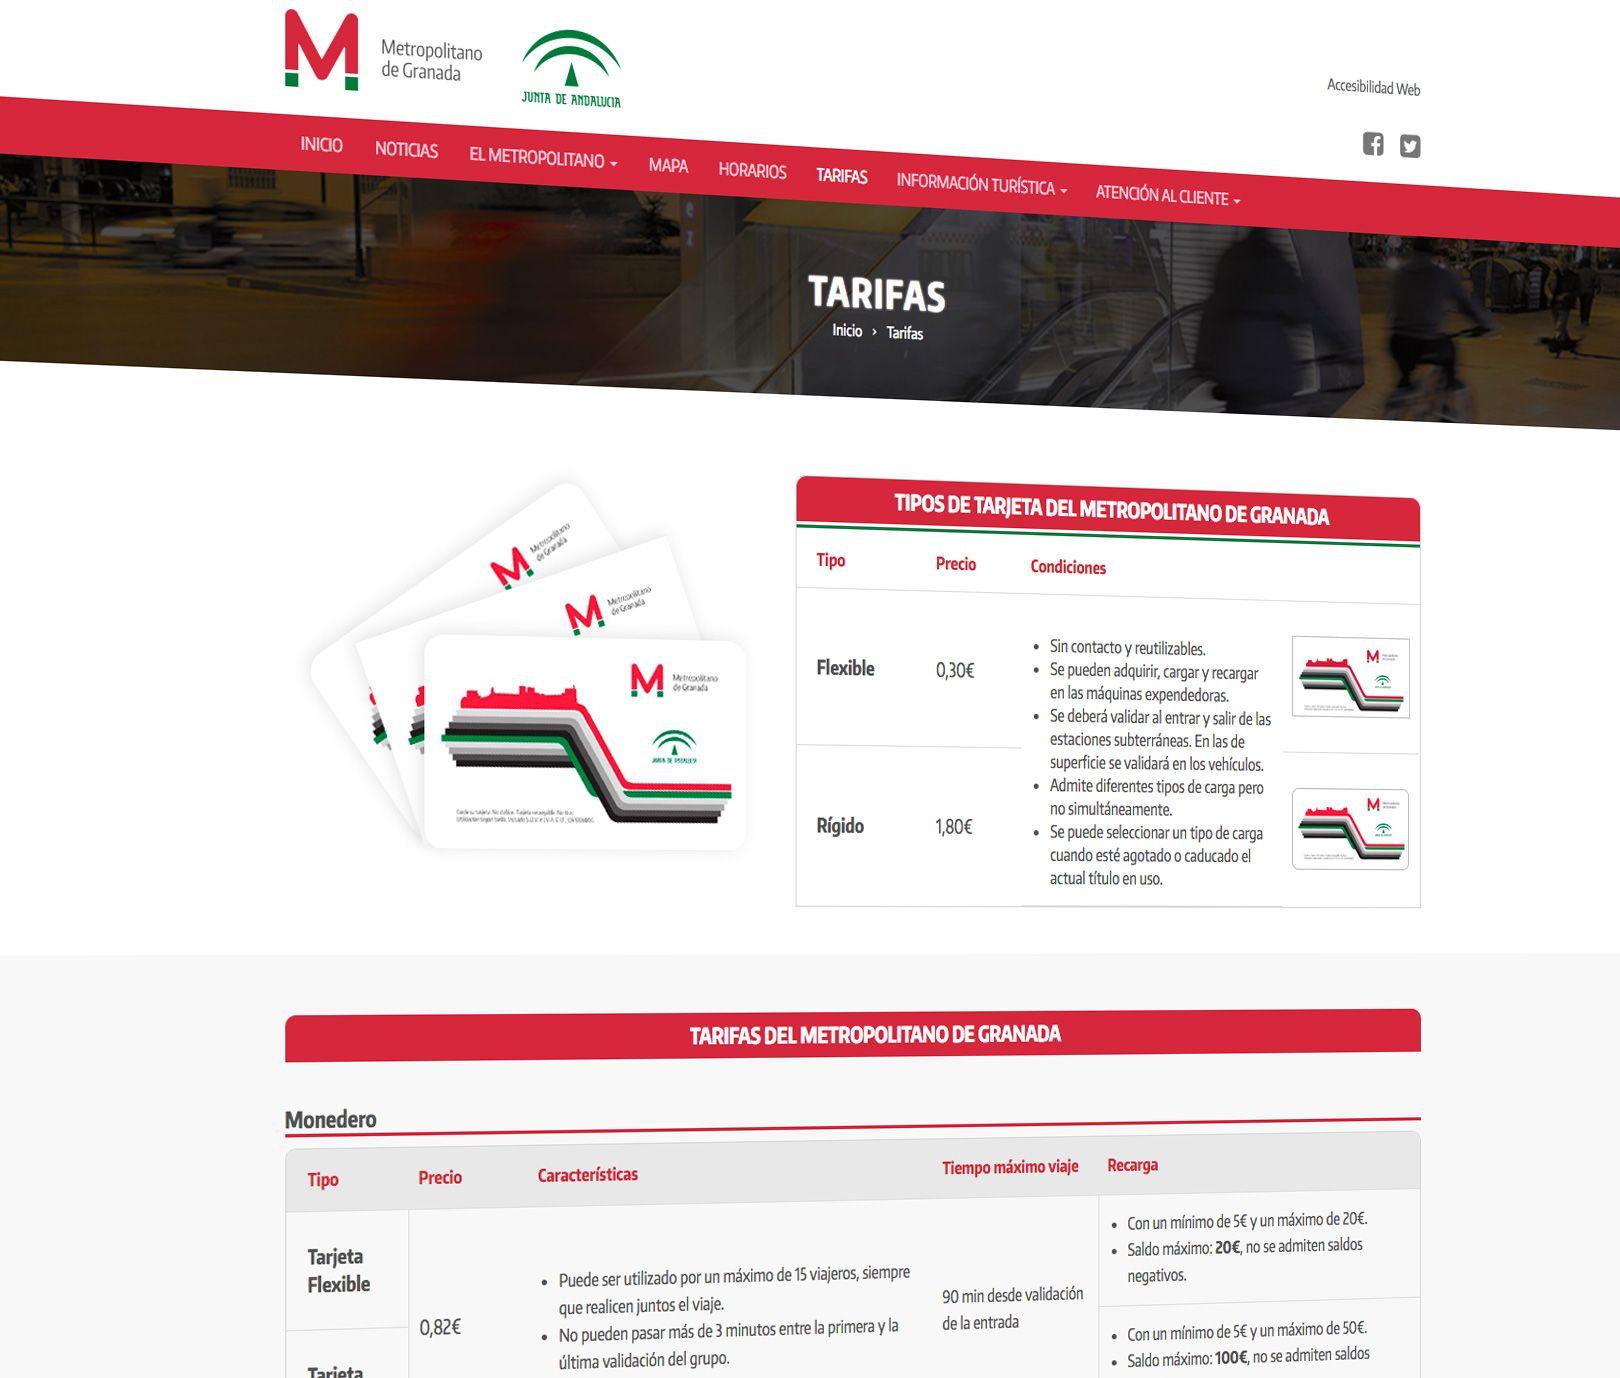 Imagen adicional 3 del proyecto Metropolitano Granada